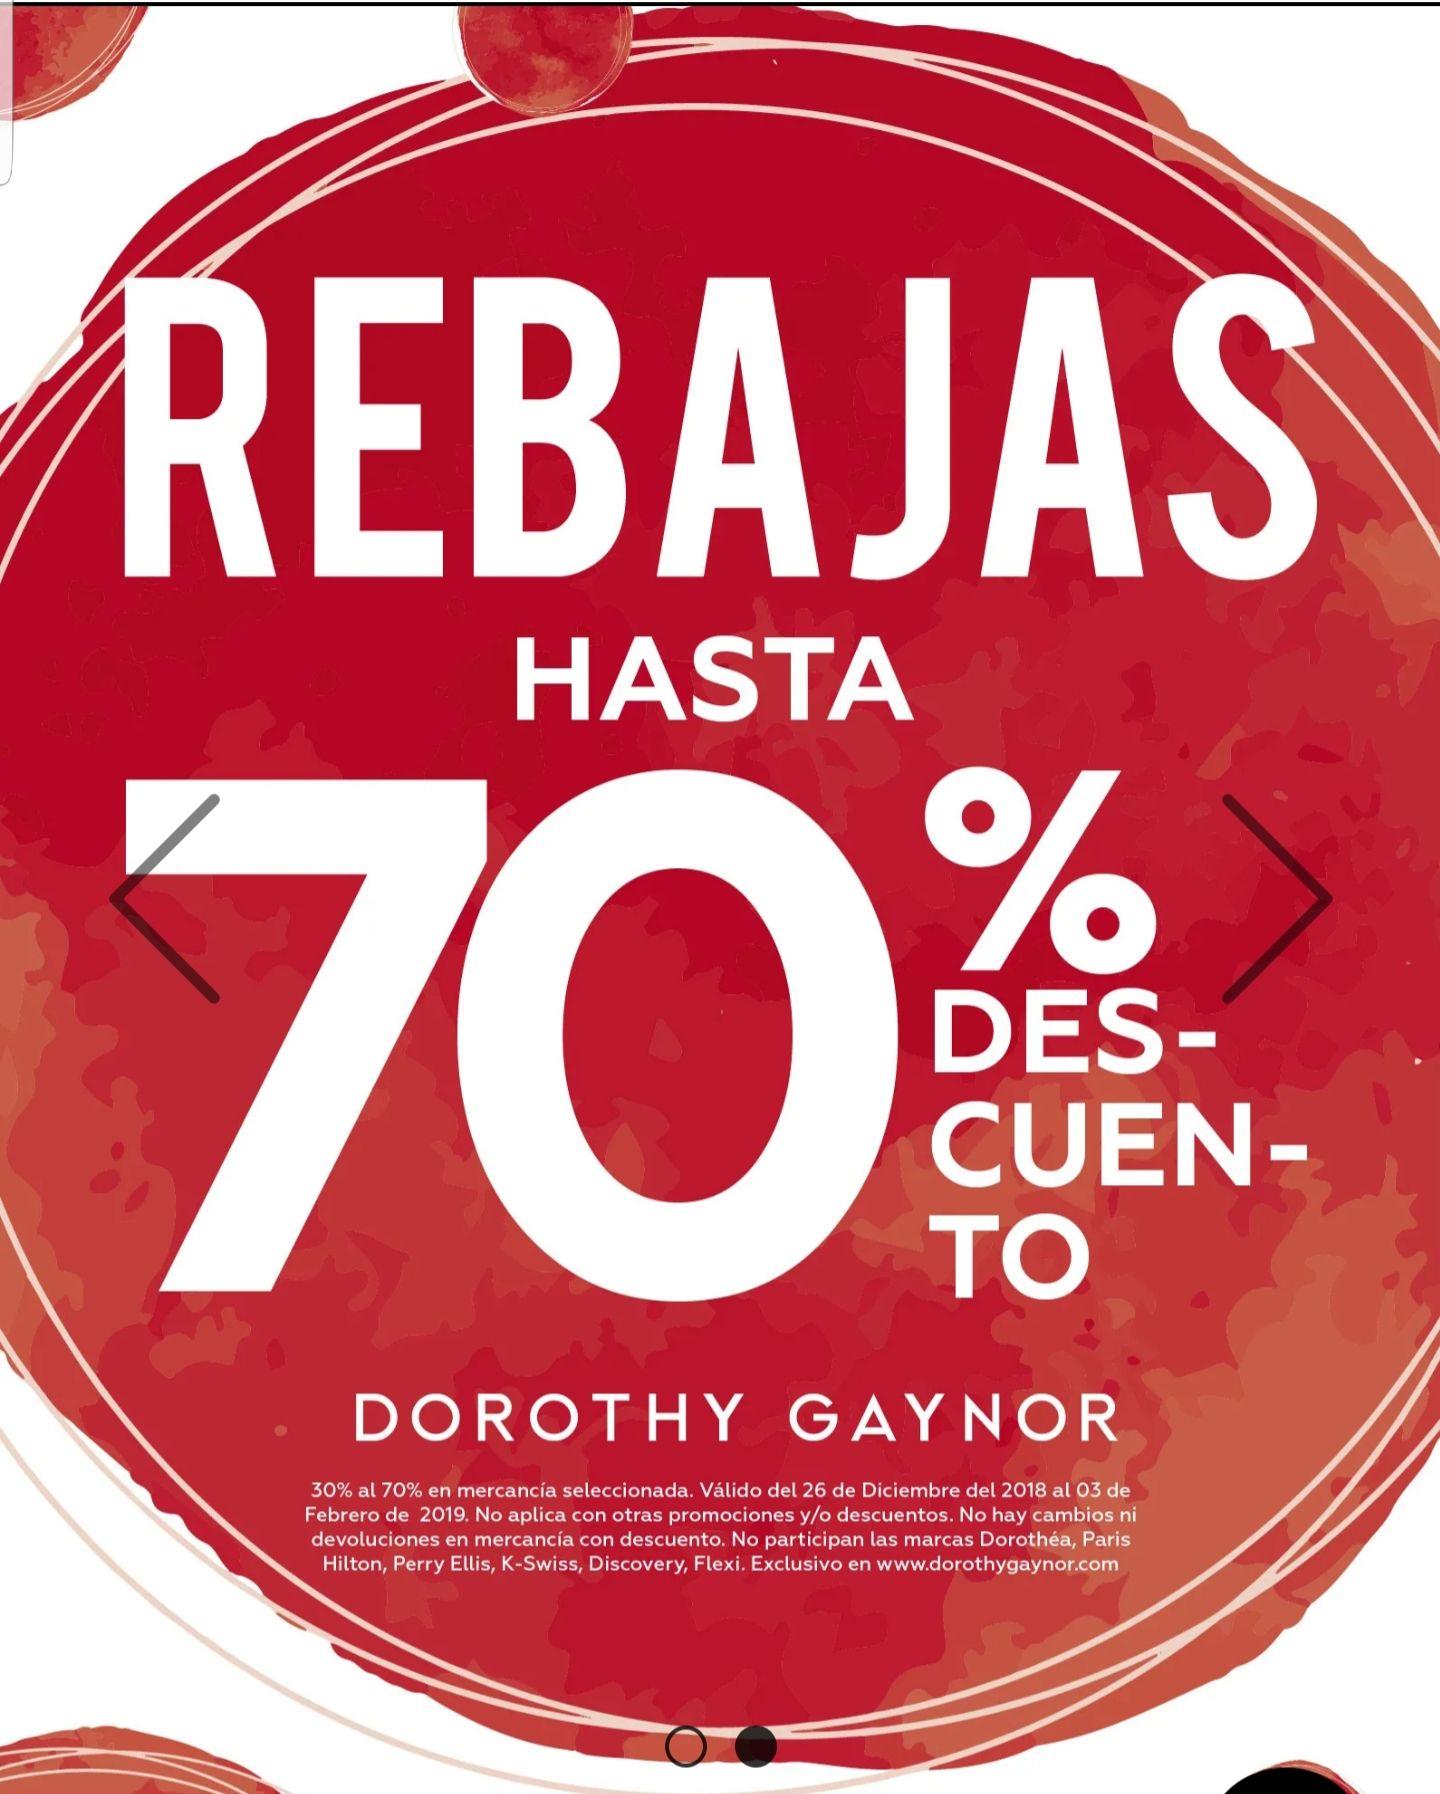 Dorothy Gaynor: Zapatos Dorothy Gaynor desde $89